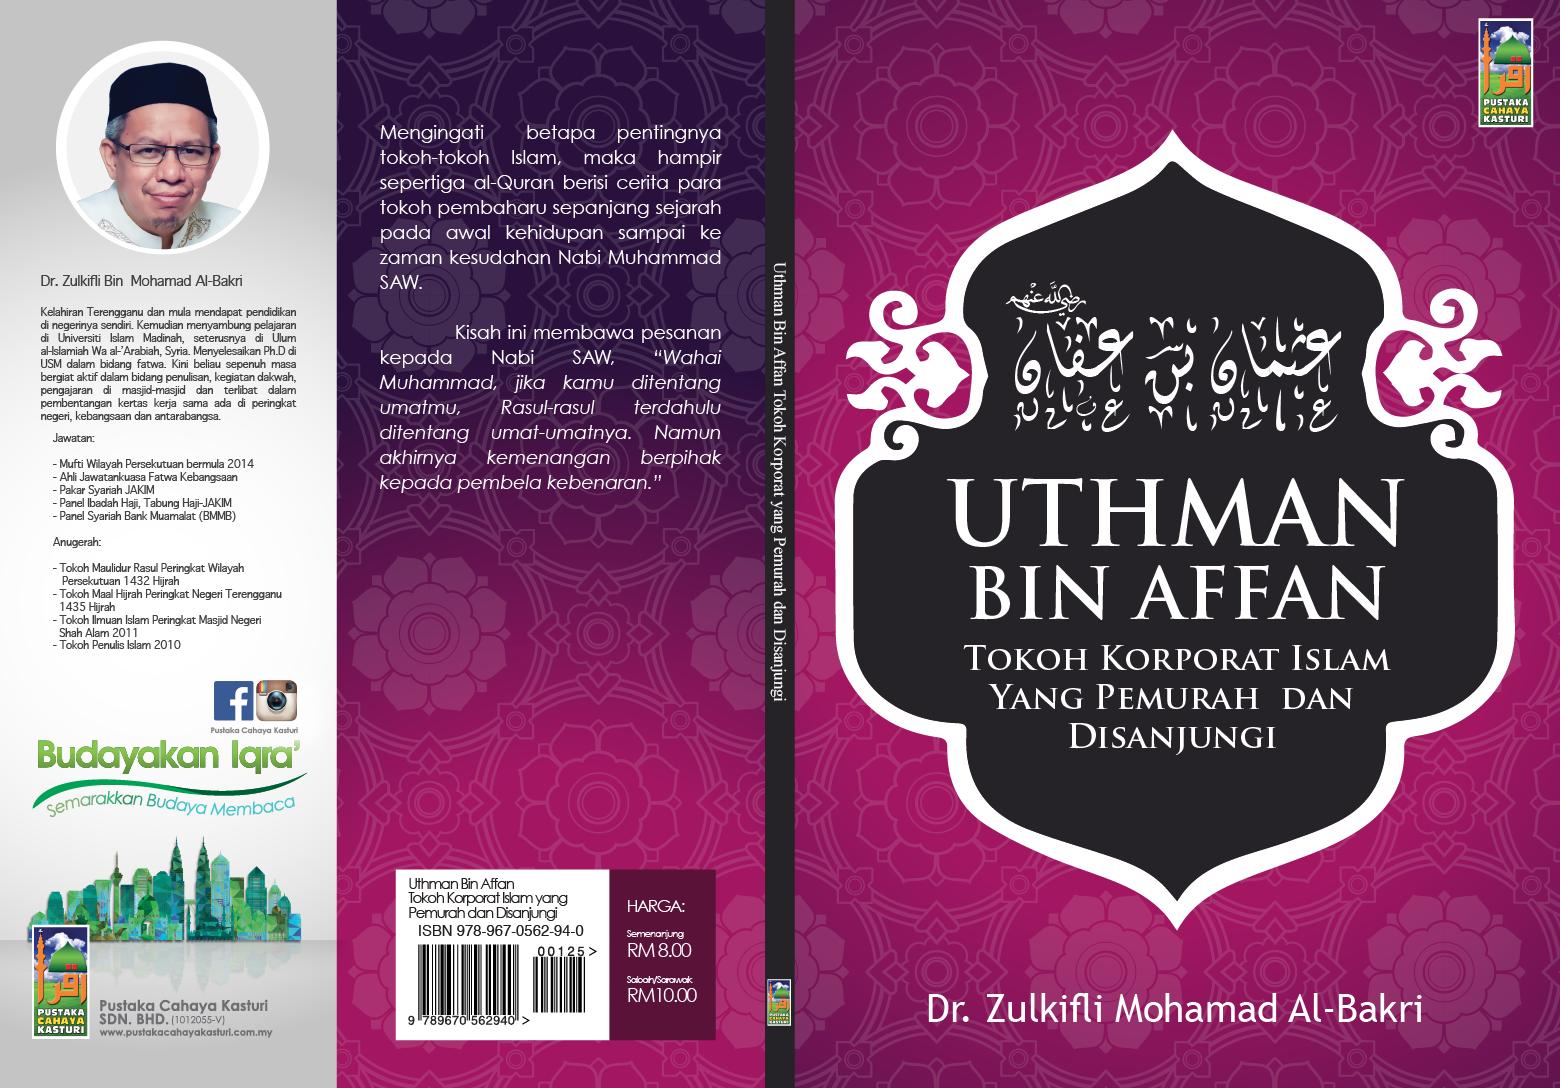 Uthman Bin Affan Tokoh Korporat Yang Pemurah Dan Disanjungi